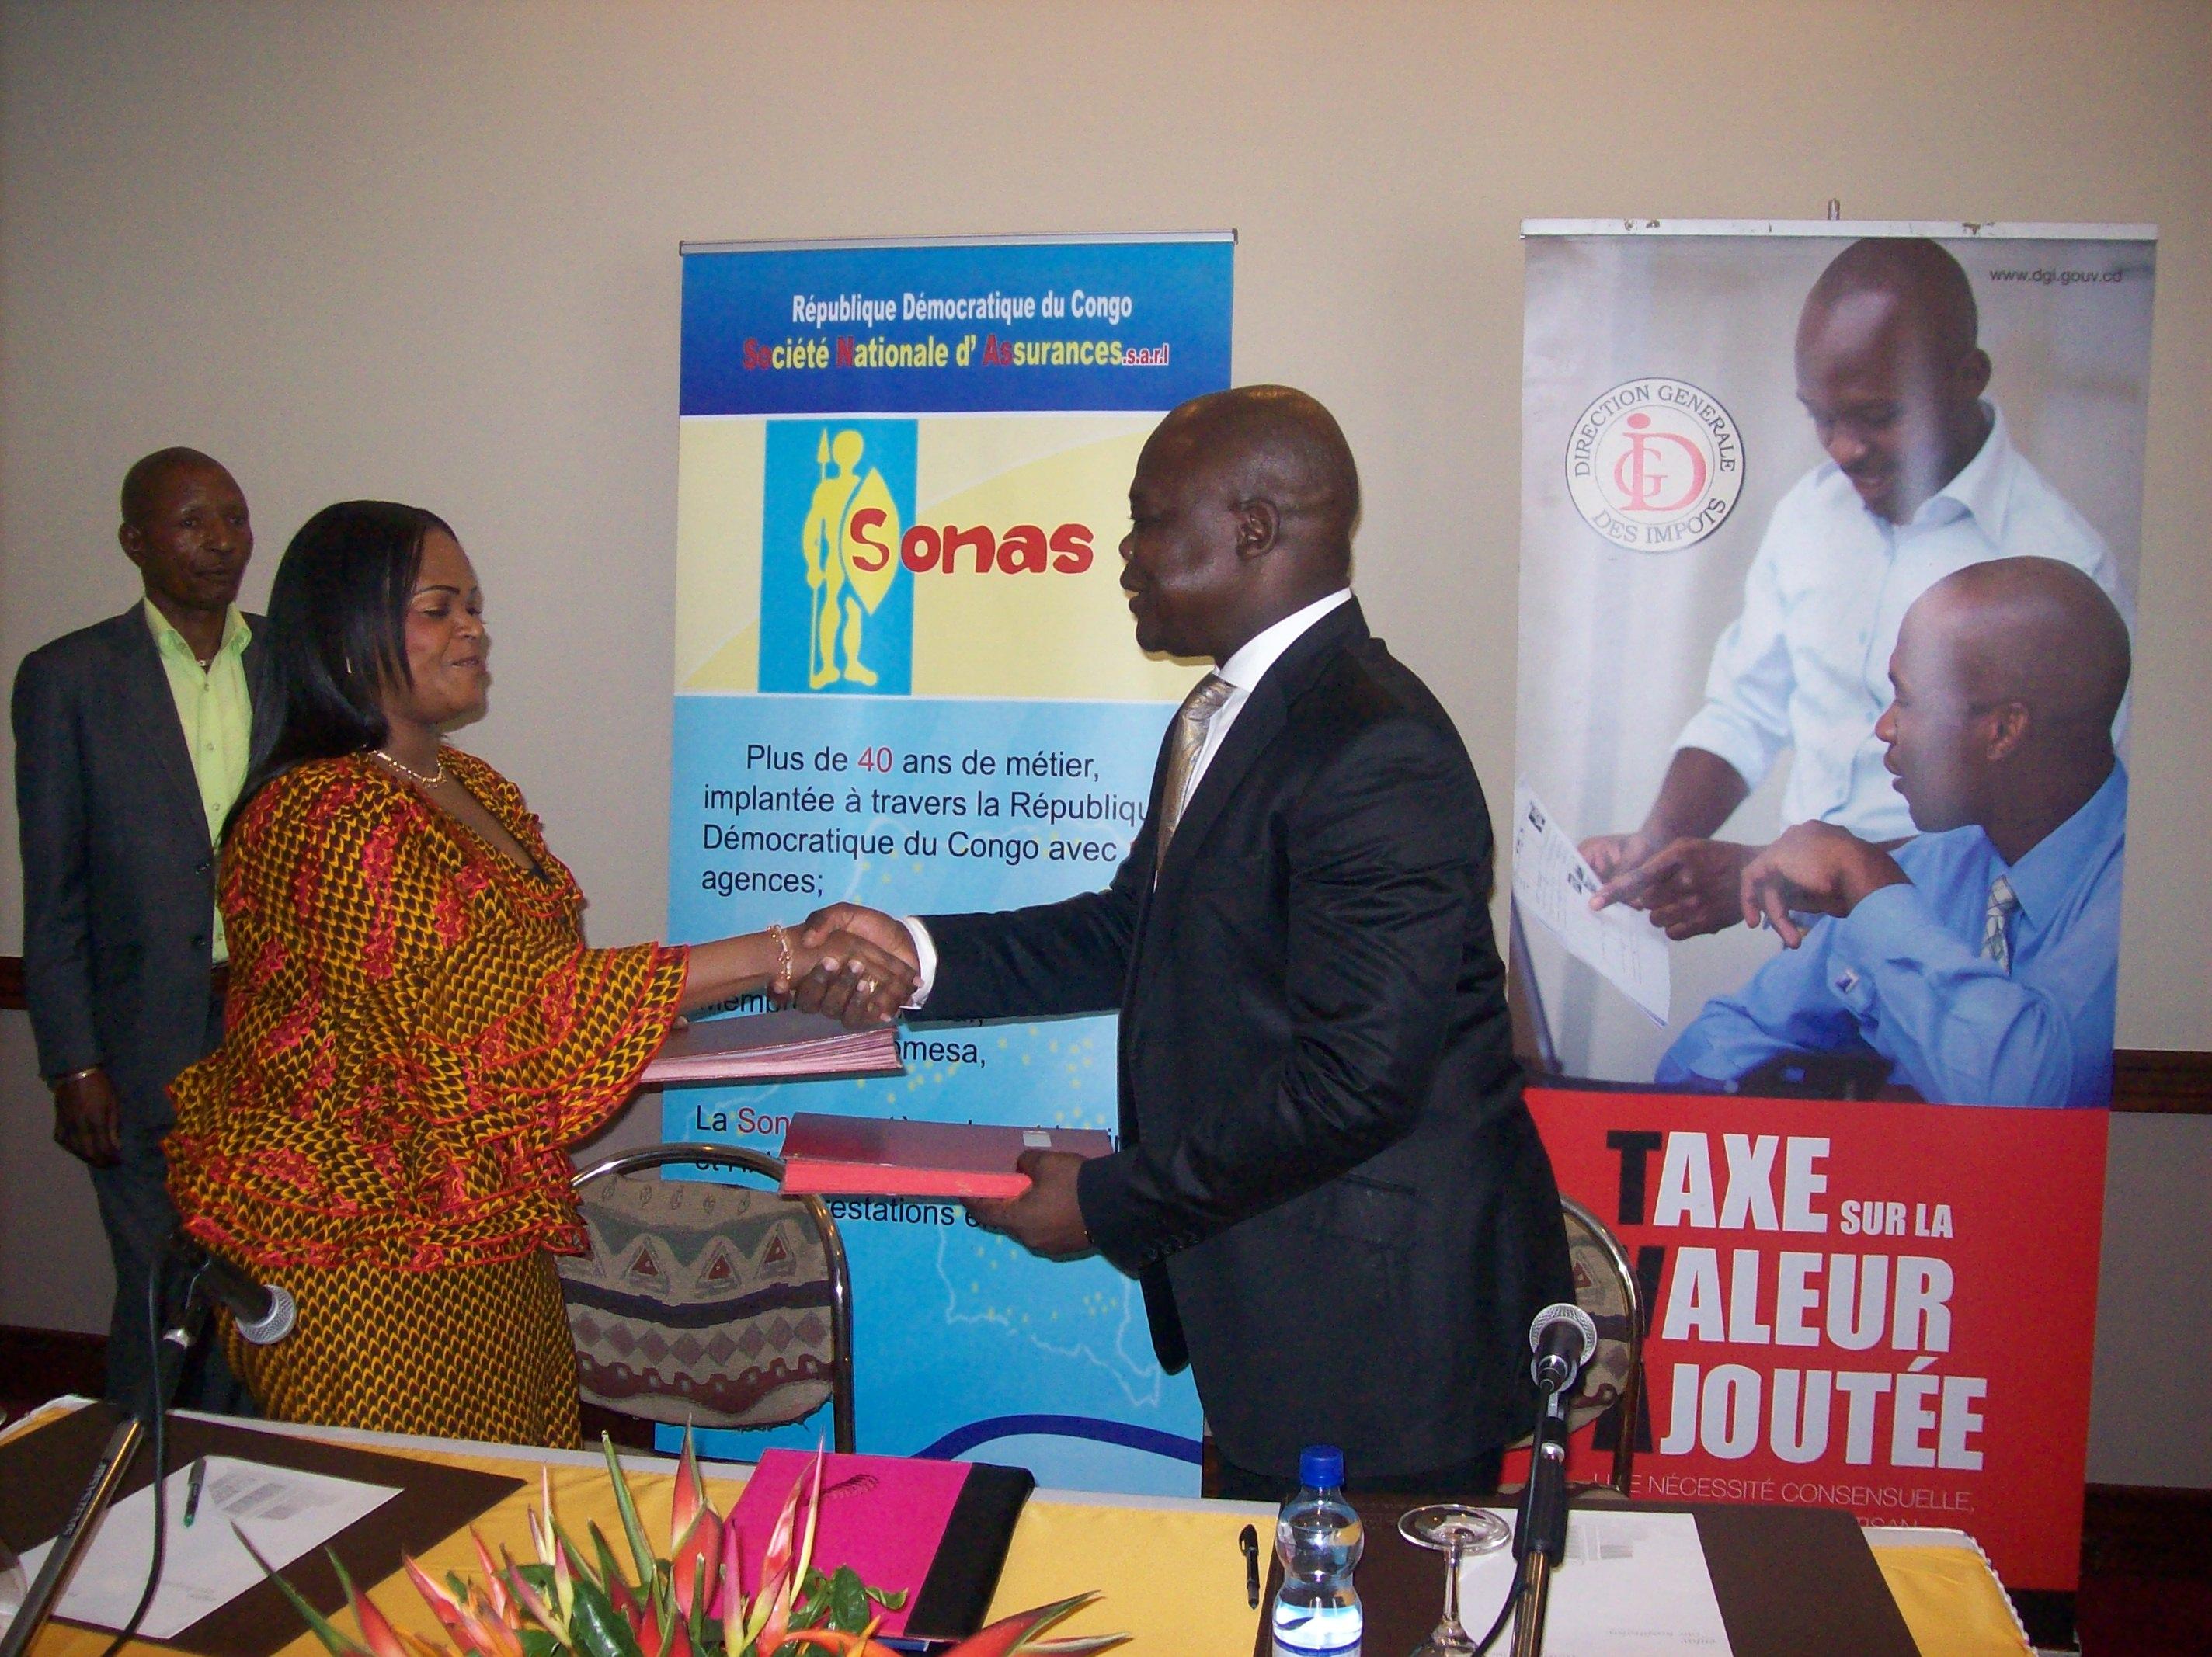 RDC – Assurance : Monopole de fait, l'hypothèse probable